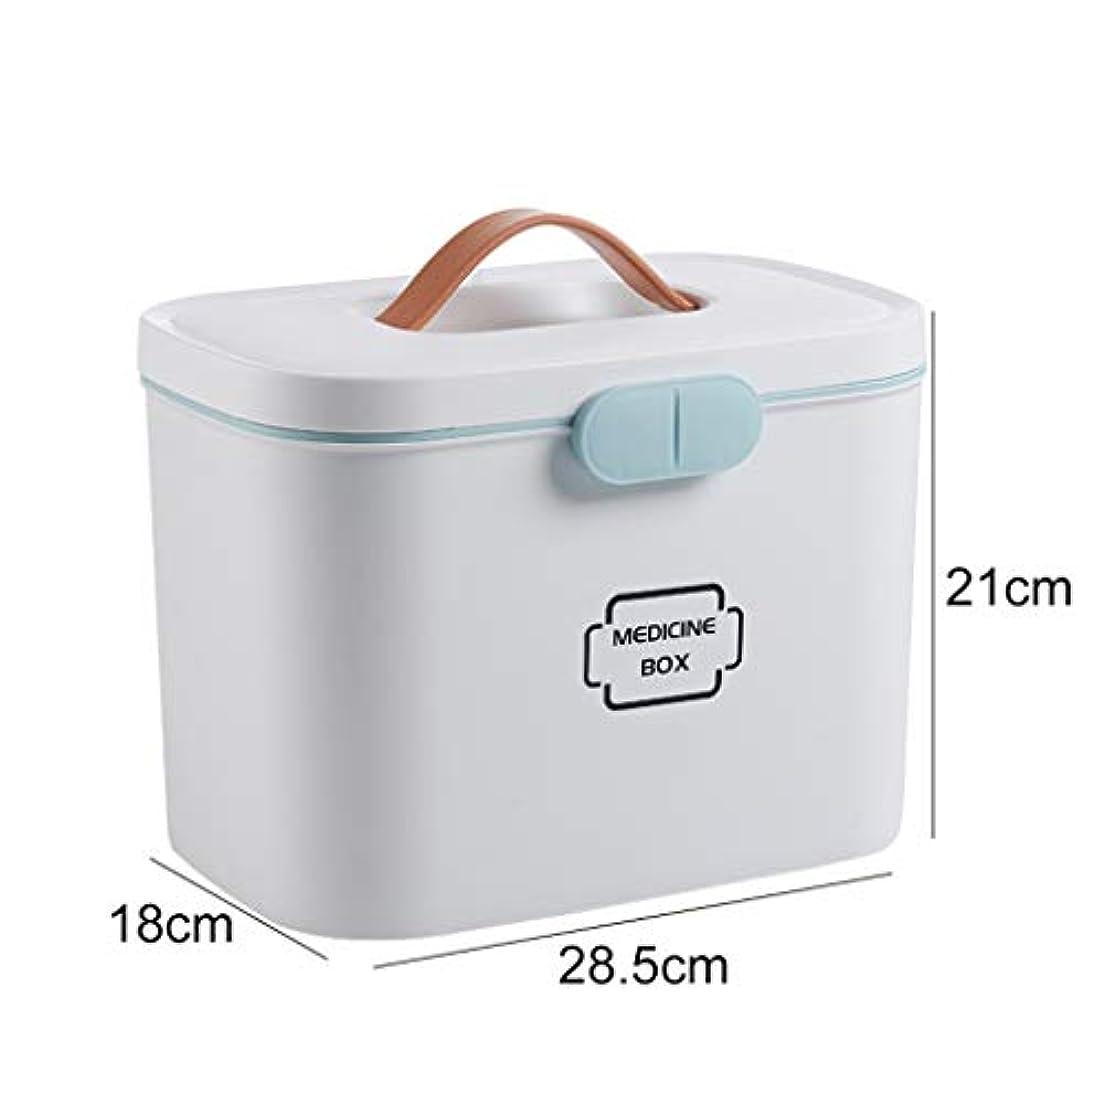 薬箱家庭薬箱大型子供応急処置キット薬収納ボックス医療箱家庭薬箱 LIUXIN (Color : White, Size : 21cm×28.5cm×18cm)